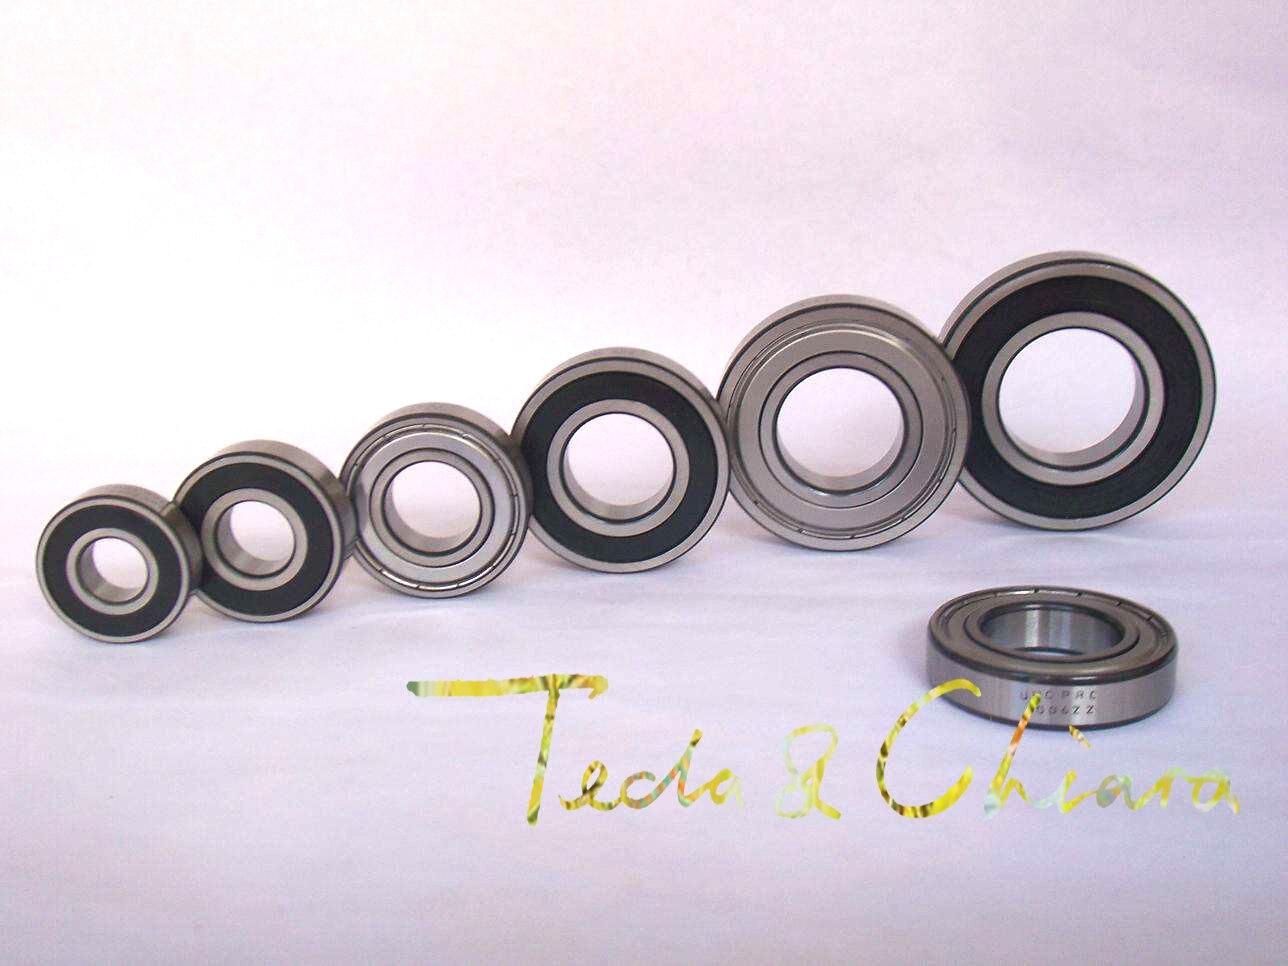 R3 R3ZZ R3RS R3-2Z R3Z R3-2RS ZZ RS RZ 2RZ Deep Groove Ball Bearings 4.762 x 12.7 x 4.98mm 3/16 x 1/2 x 0.196 High Quality диван 3le rs vl7217 47a z 08 kd5110